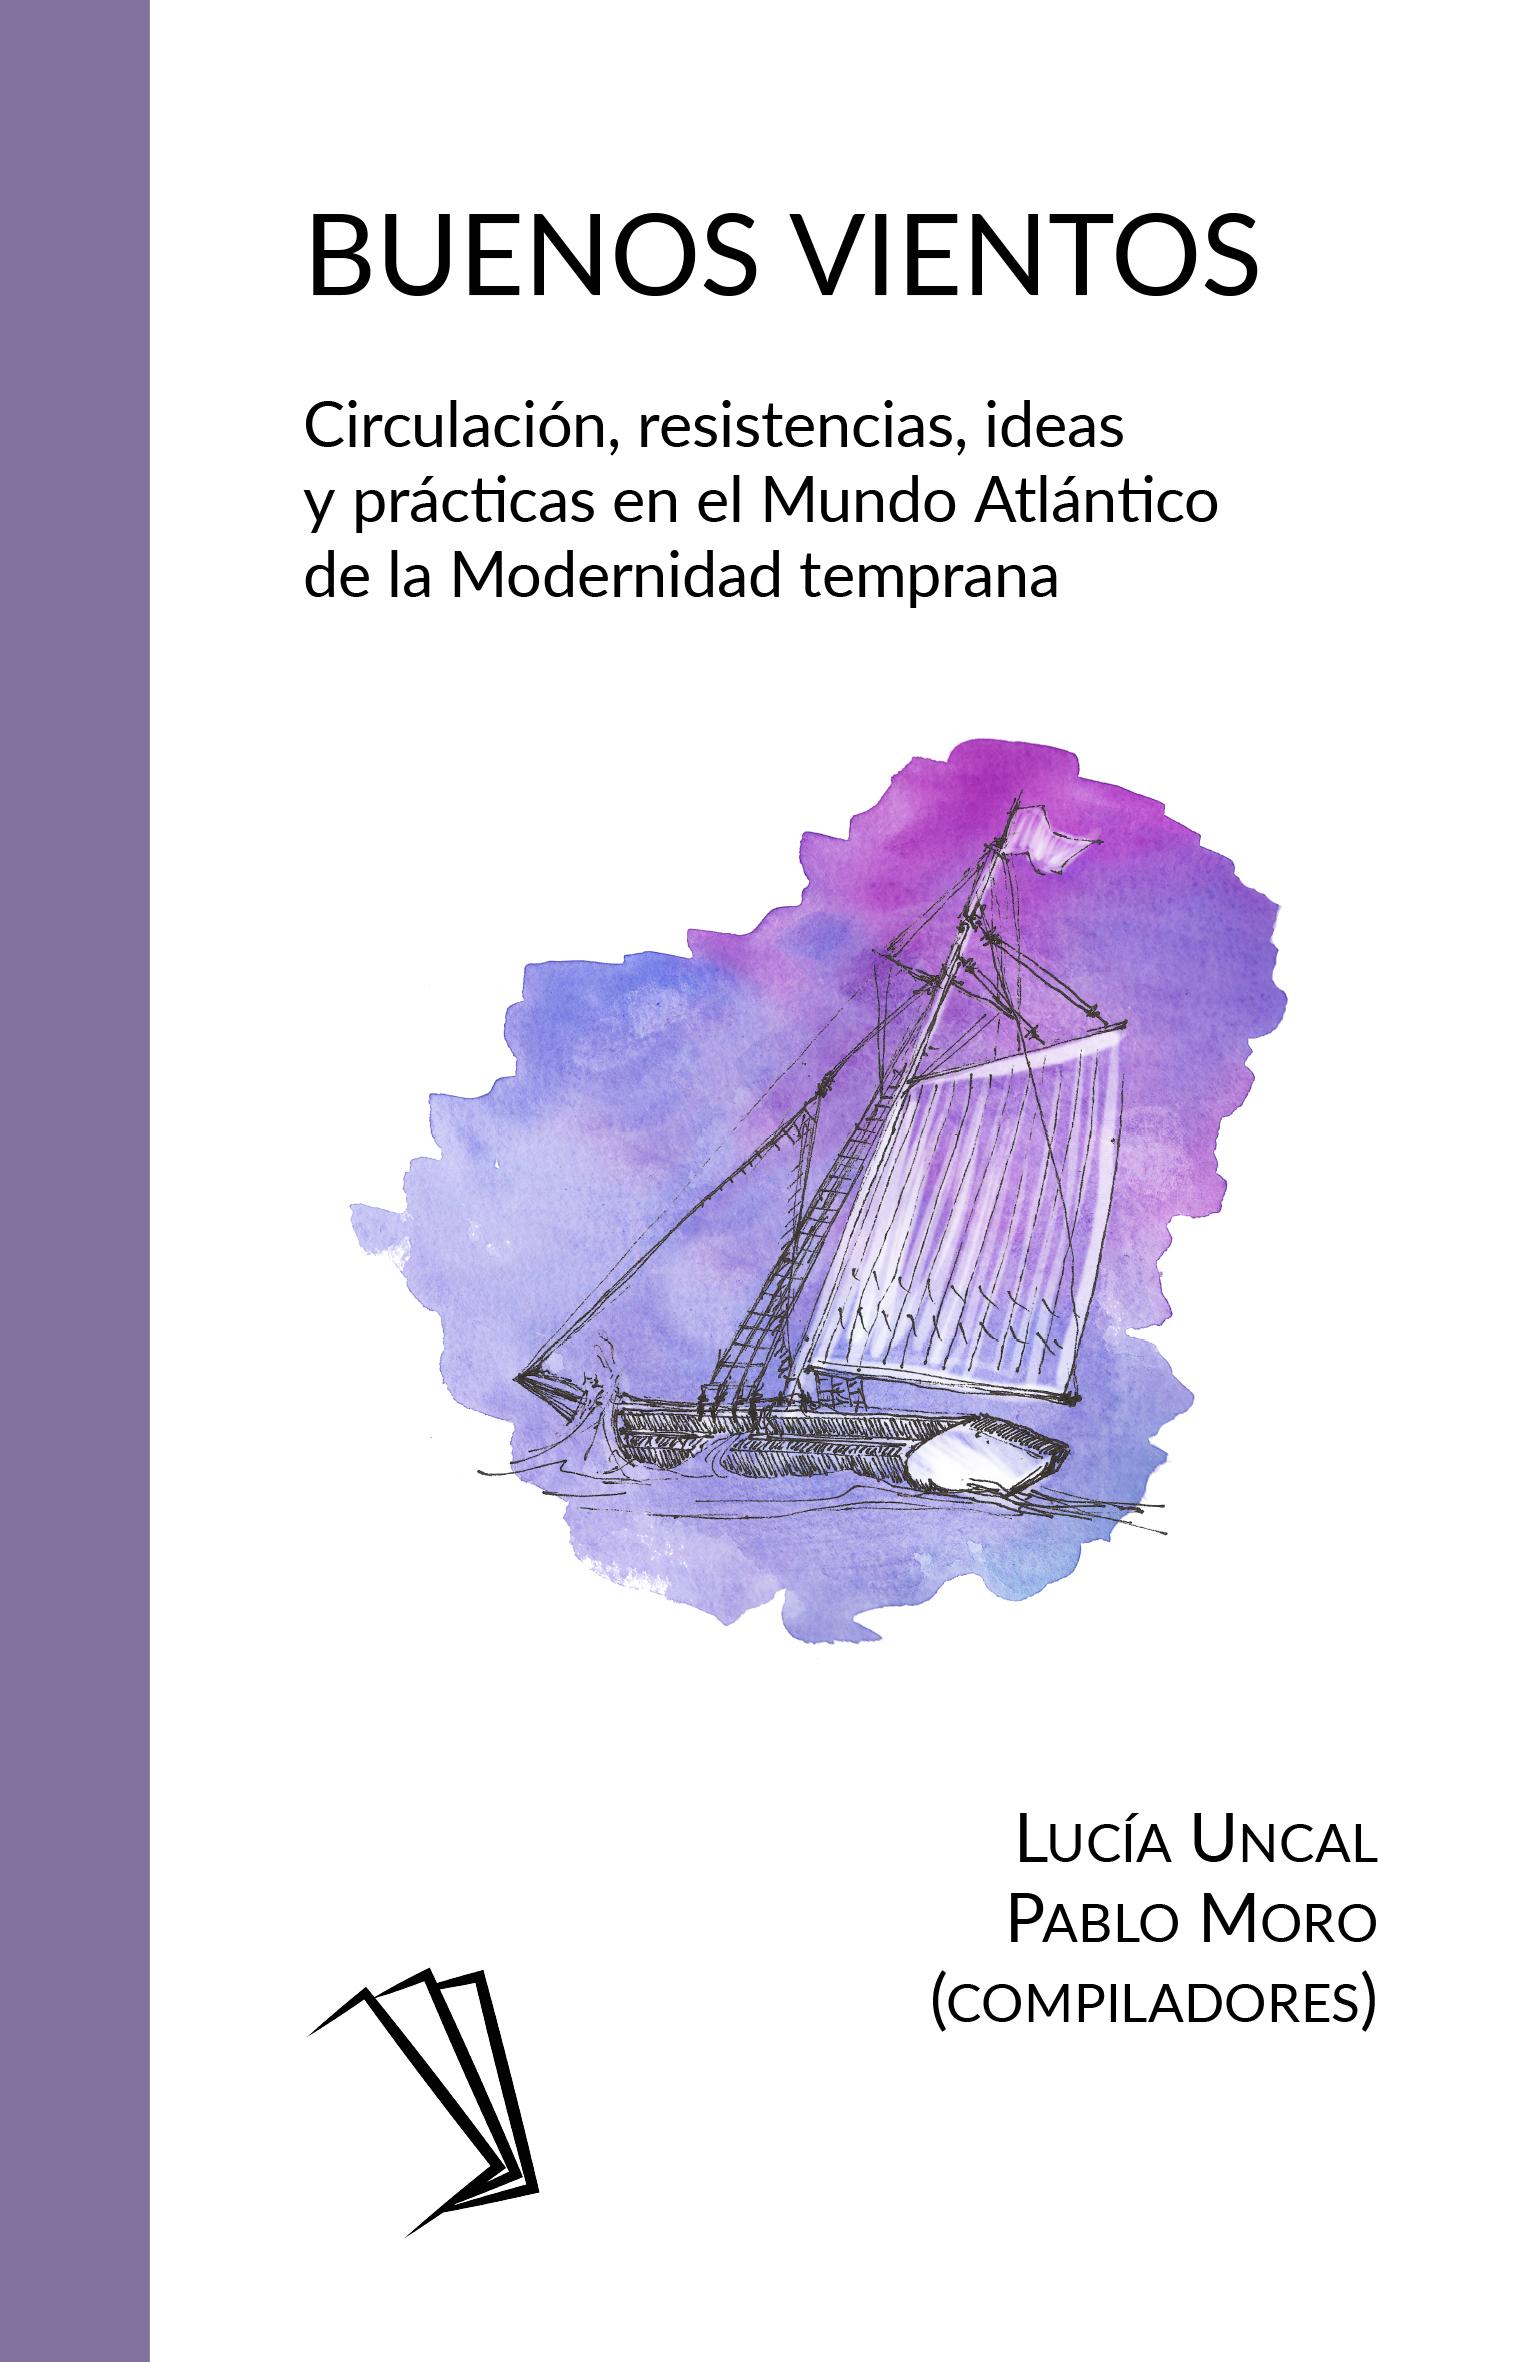 Tapa de Buenos Vientos. Circulación, resistencias, ideas y prácticas en el Mundo Atlántico de la Modernidad temprana.